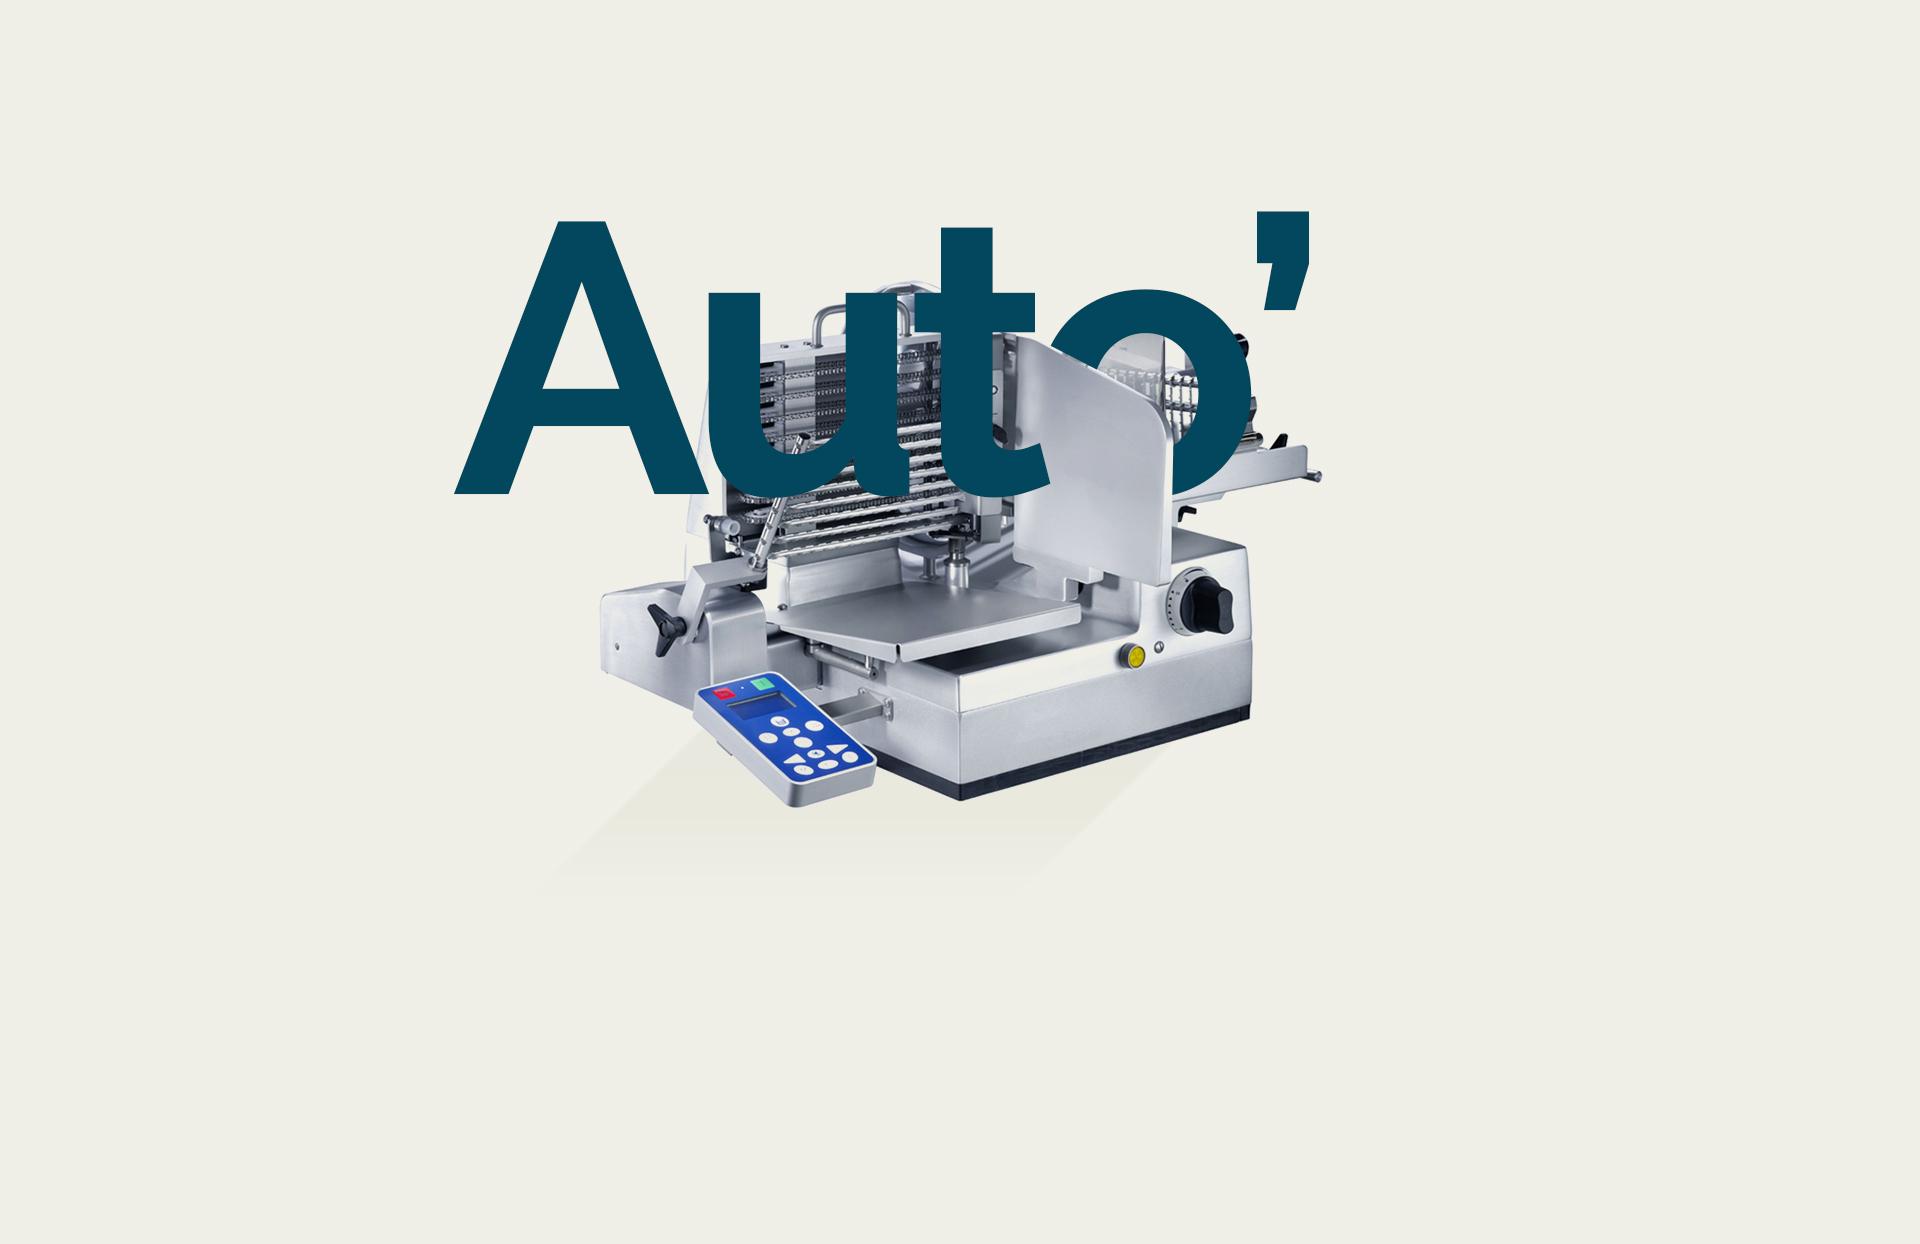 trancheuses automatiques gamme Auto